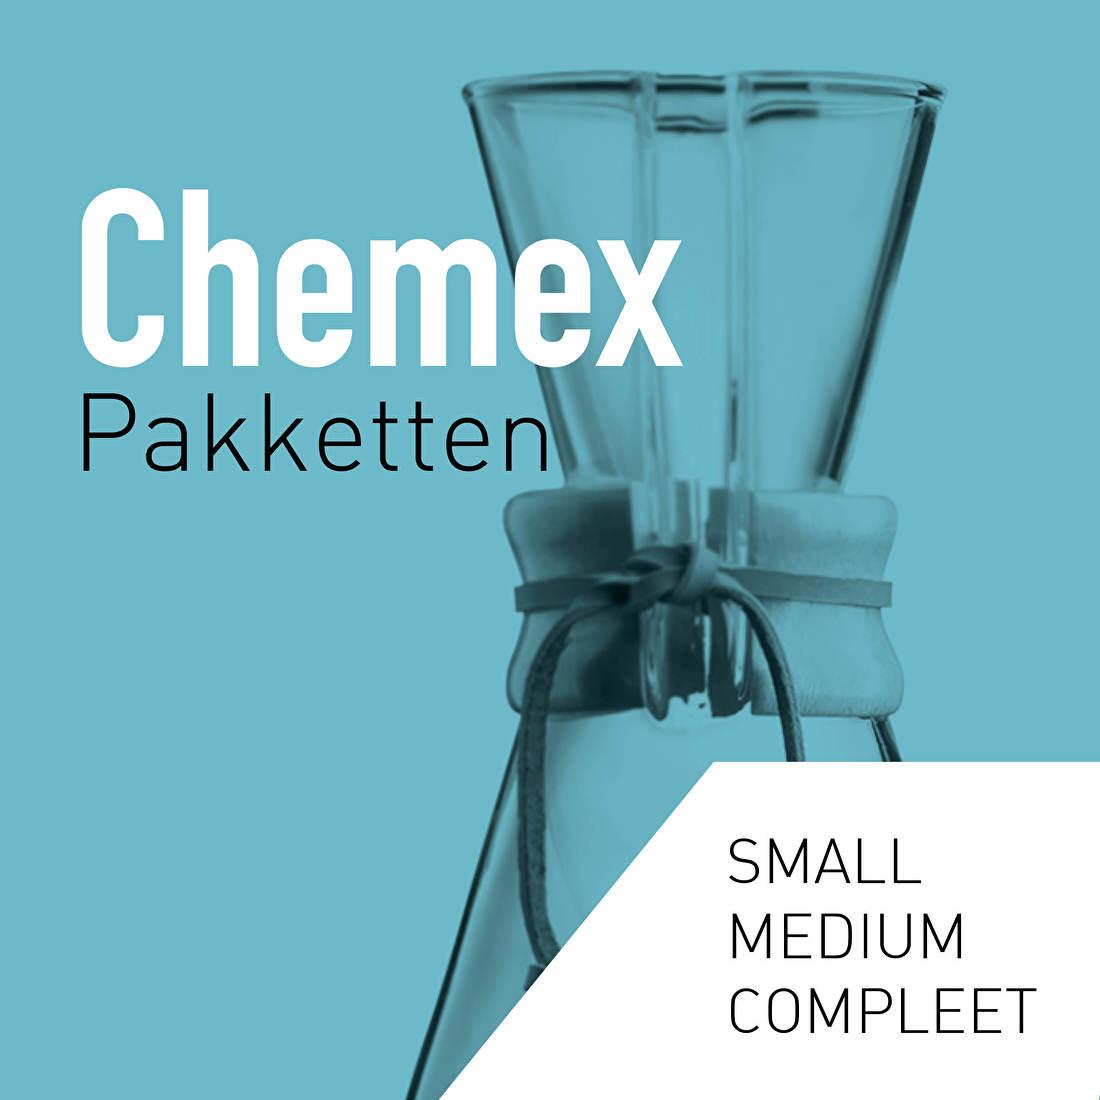 chemex pakketten